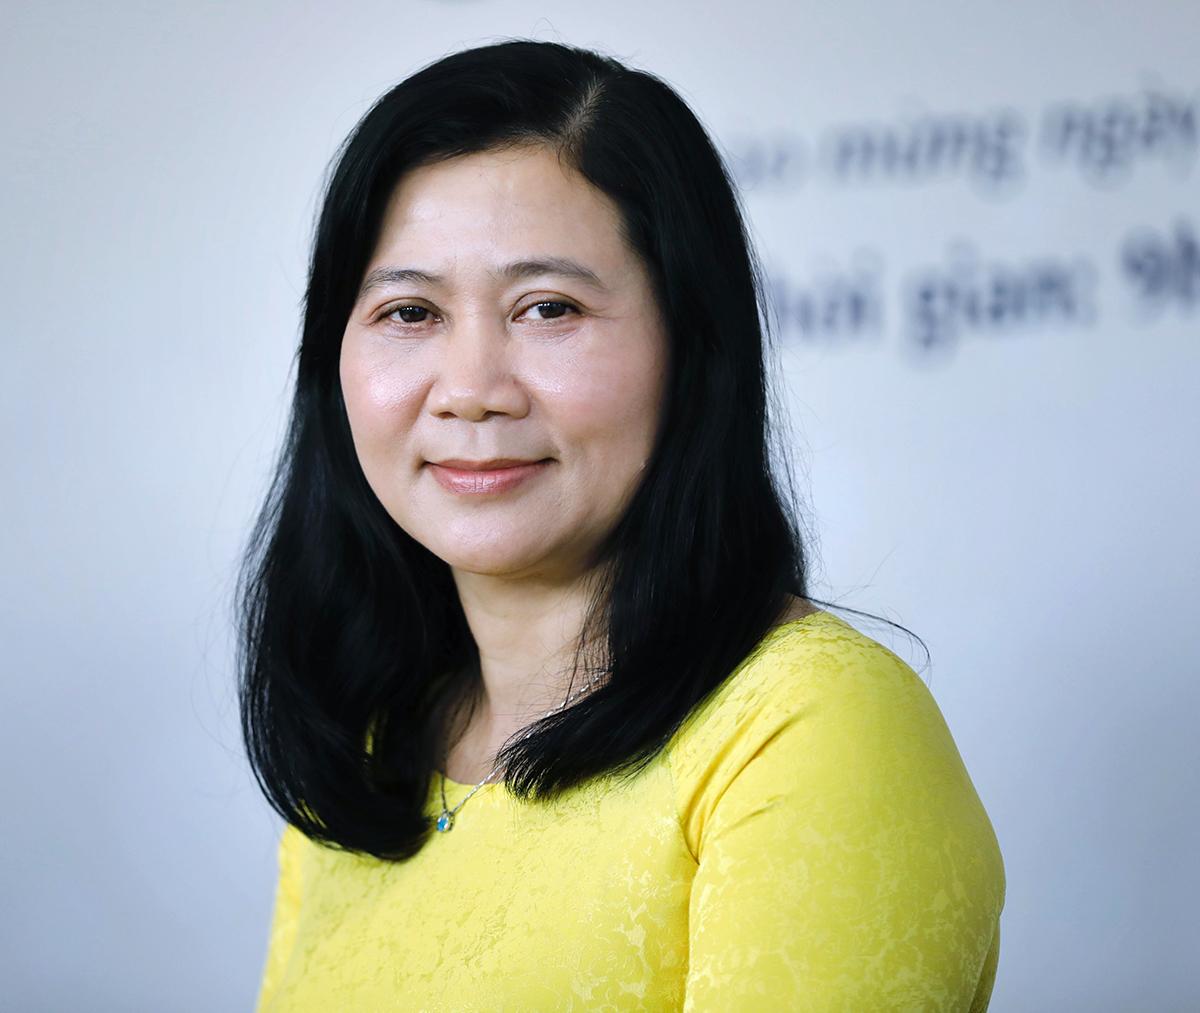 Thạc sĩ, bác sĩ Nguyễn Thị Huỳnh Mai cho biết vững tin chống dịch nhờ sự ủng hộ từ gia đình, người thân.